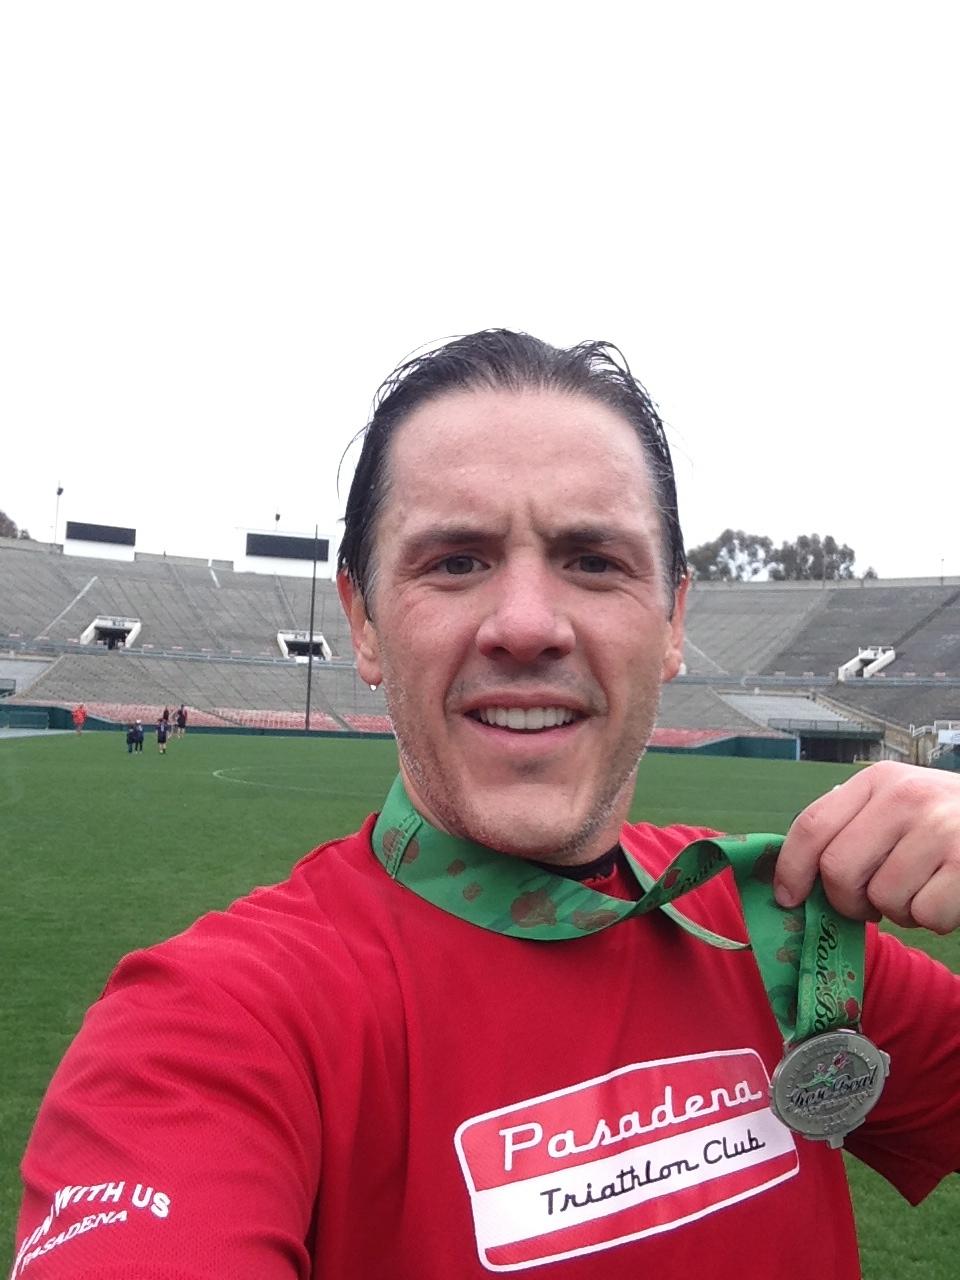 Wet finisher medal.jpg